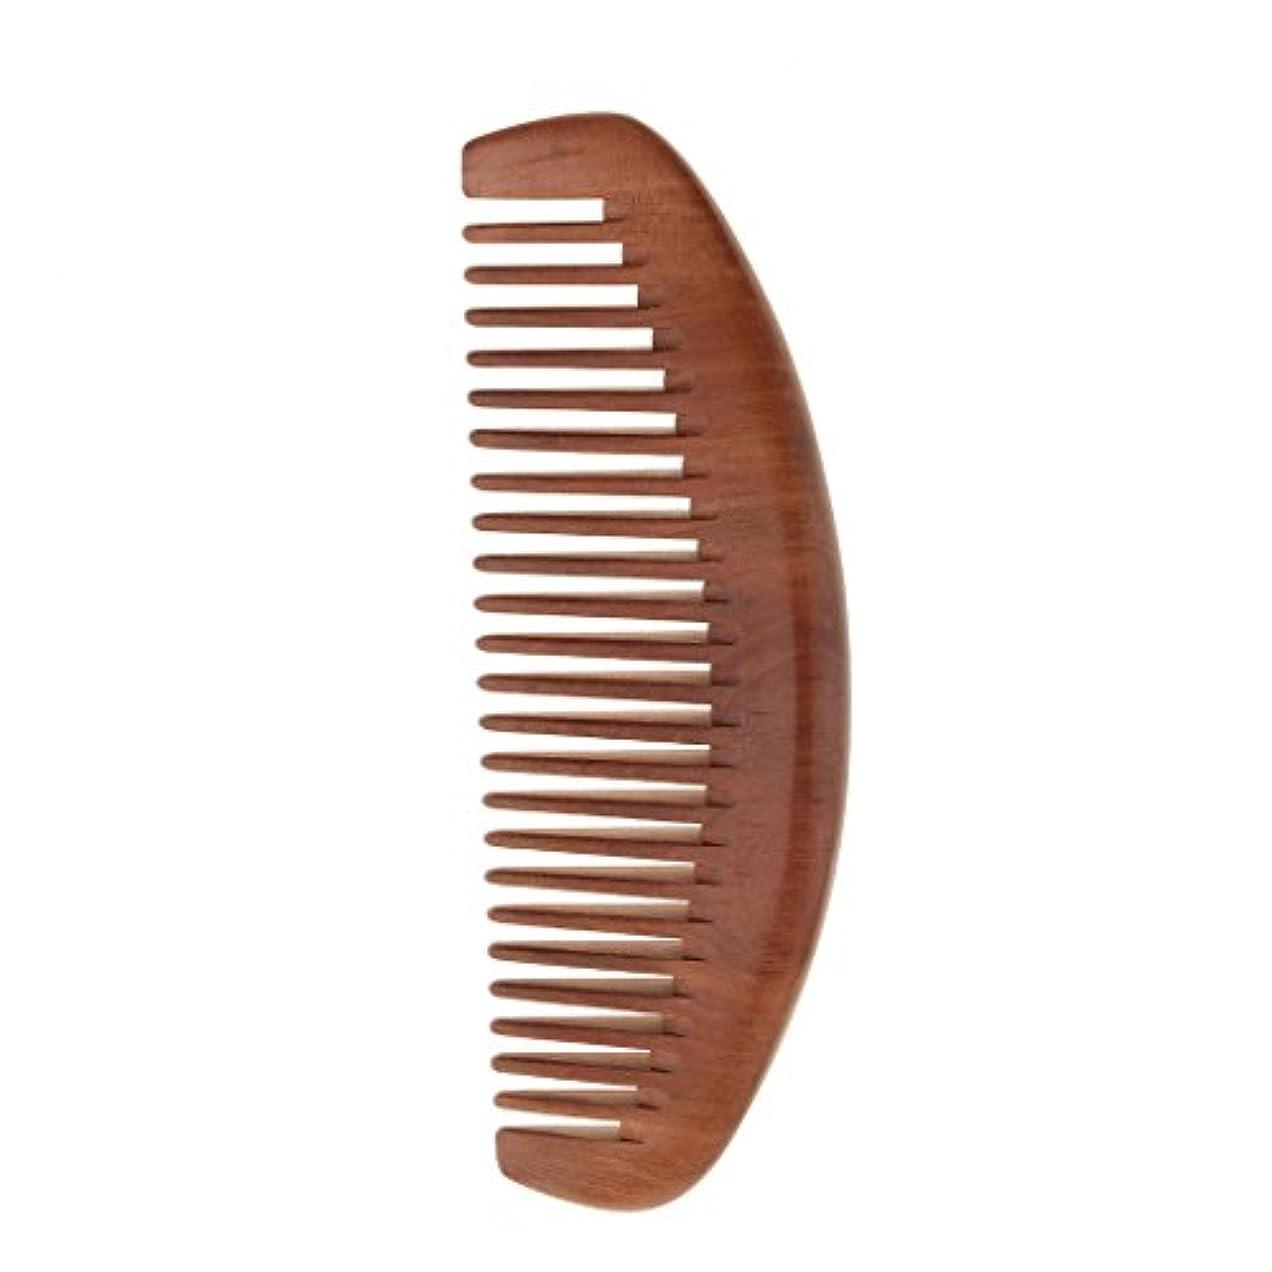 いつか後退するアイザック櫛 セットコーム 木製 ヘアコーム ヘアケア 頭皮マッサージ 静電気防止 桃の木 全2種類 - ワイド歯